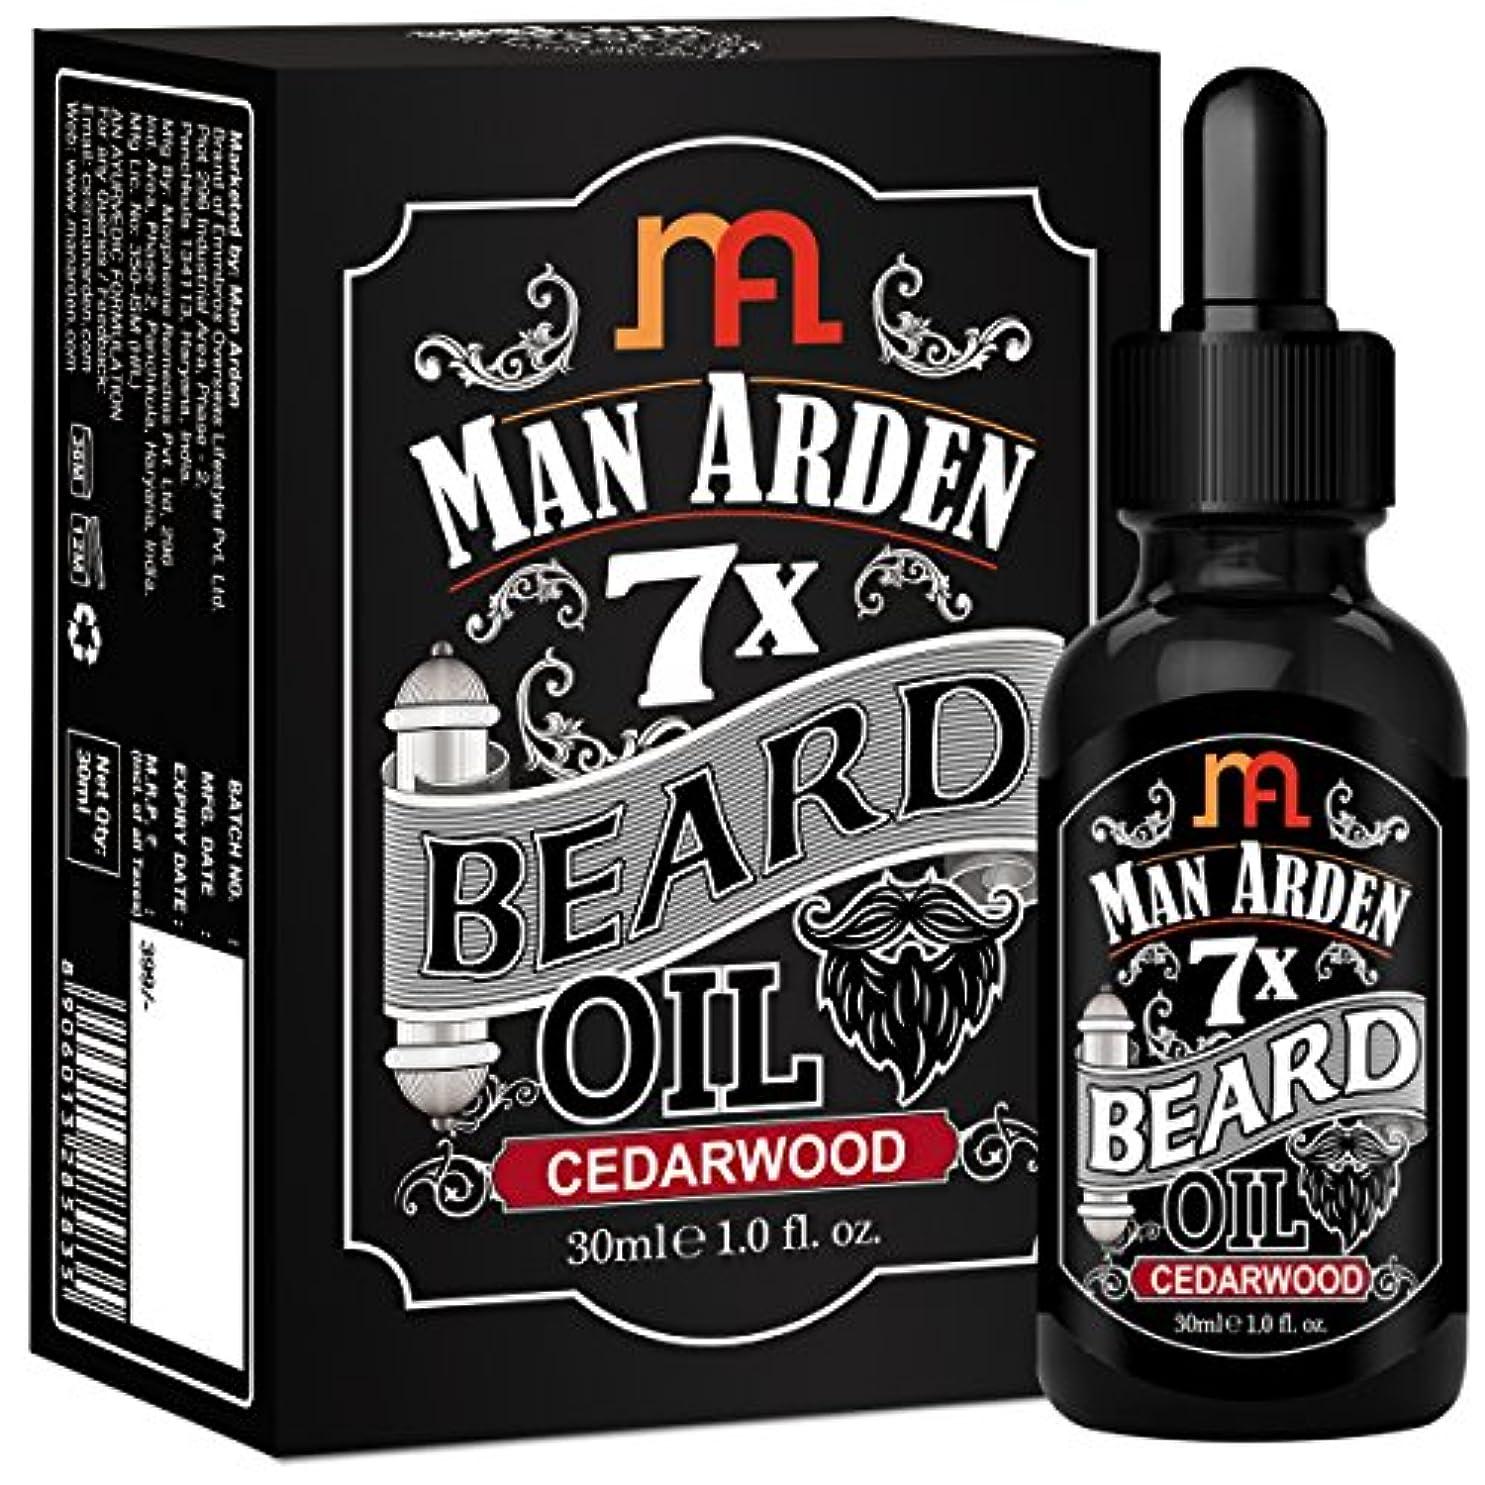 ジョットディボンドン文言エンジニアMan Arden 7X Beard Oil 30ml (Cedarwood) - 7 Premium Oils Blend For Beard Growth & Nourishment